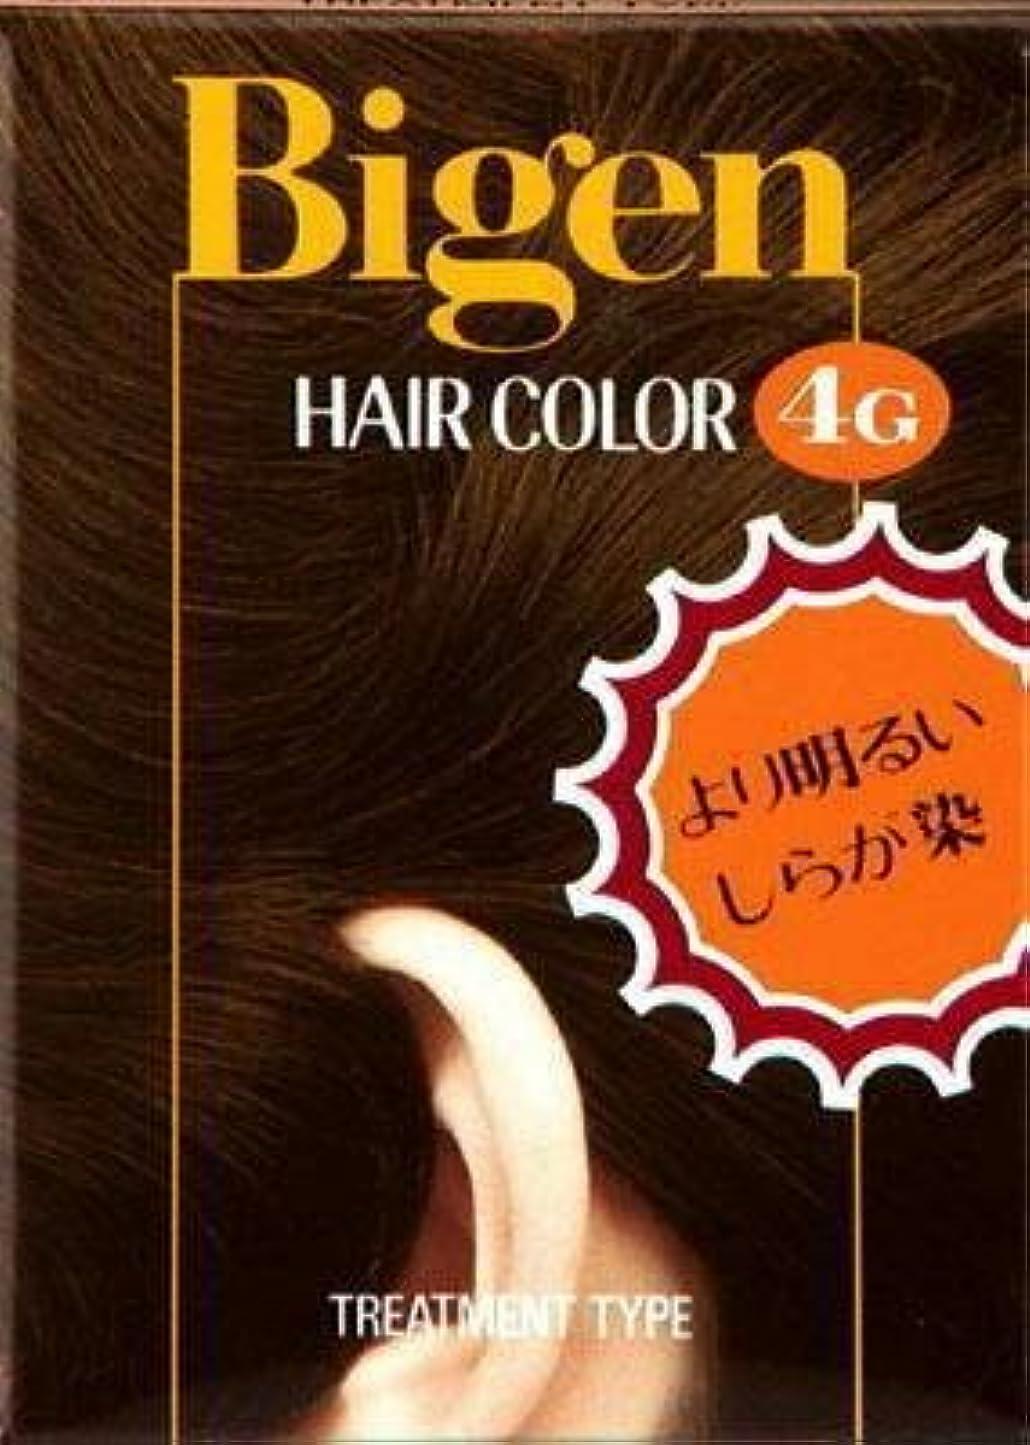 激しい男らしいそしてビゲン ヘアカラー 4G 自然な栗色 × 10個セット